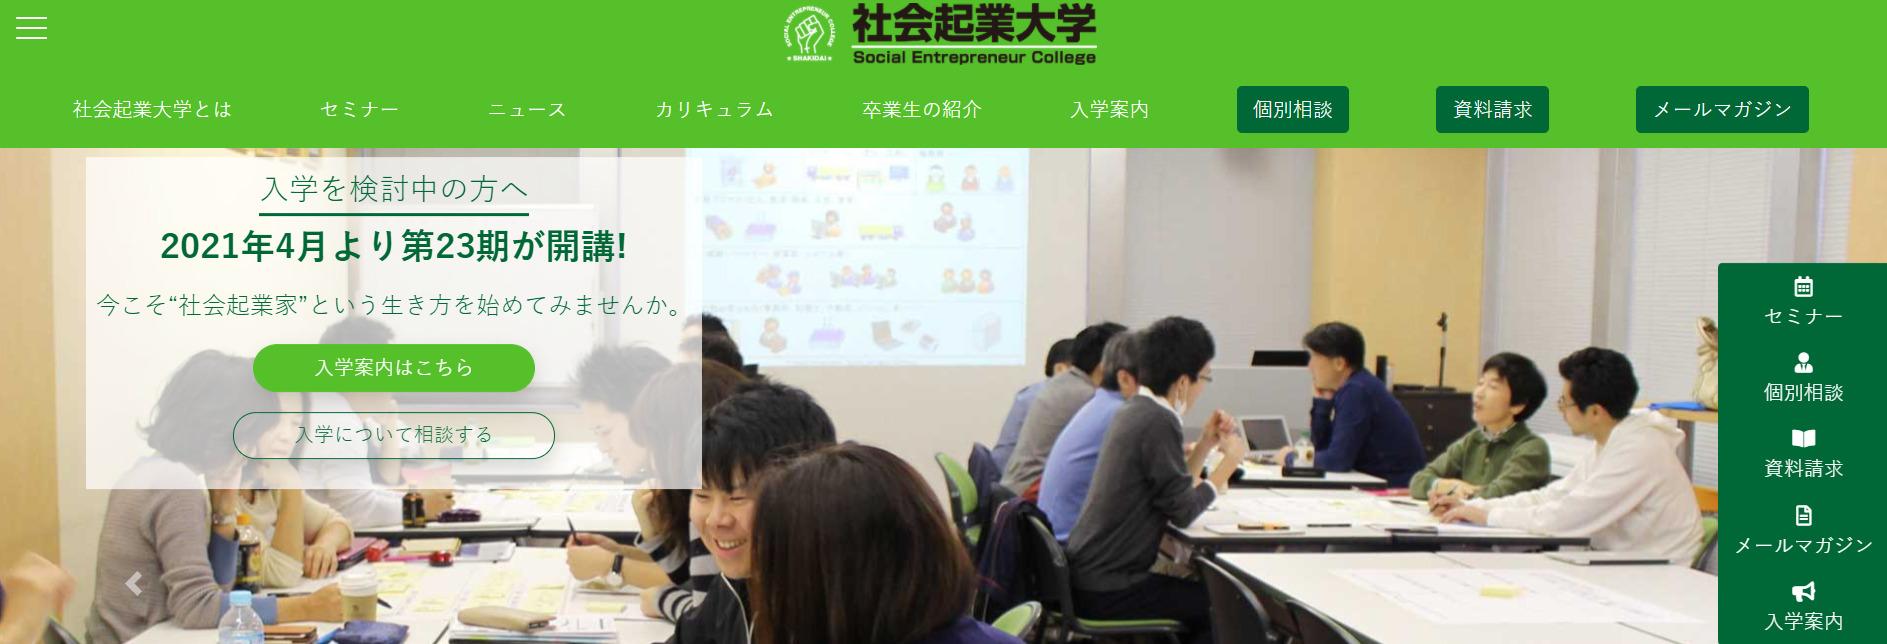 コワーキングスペース 社会起業大学